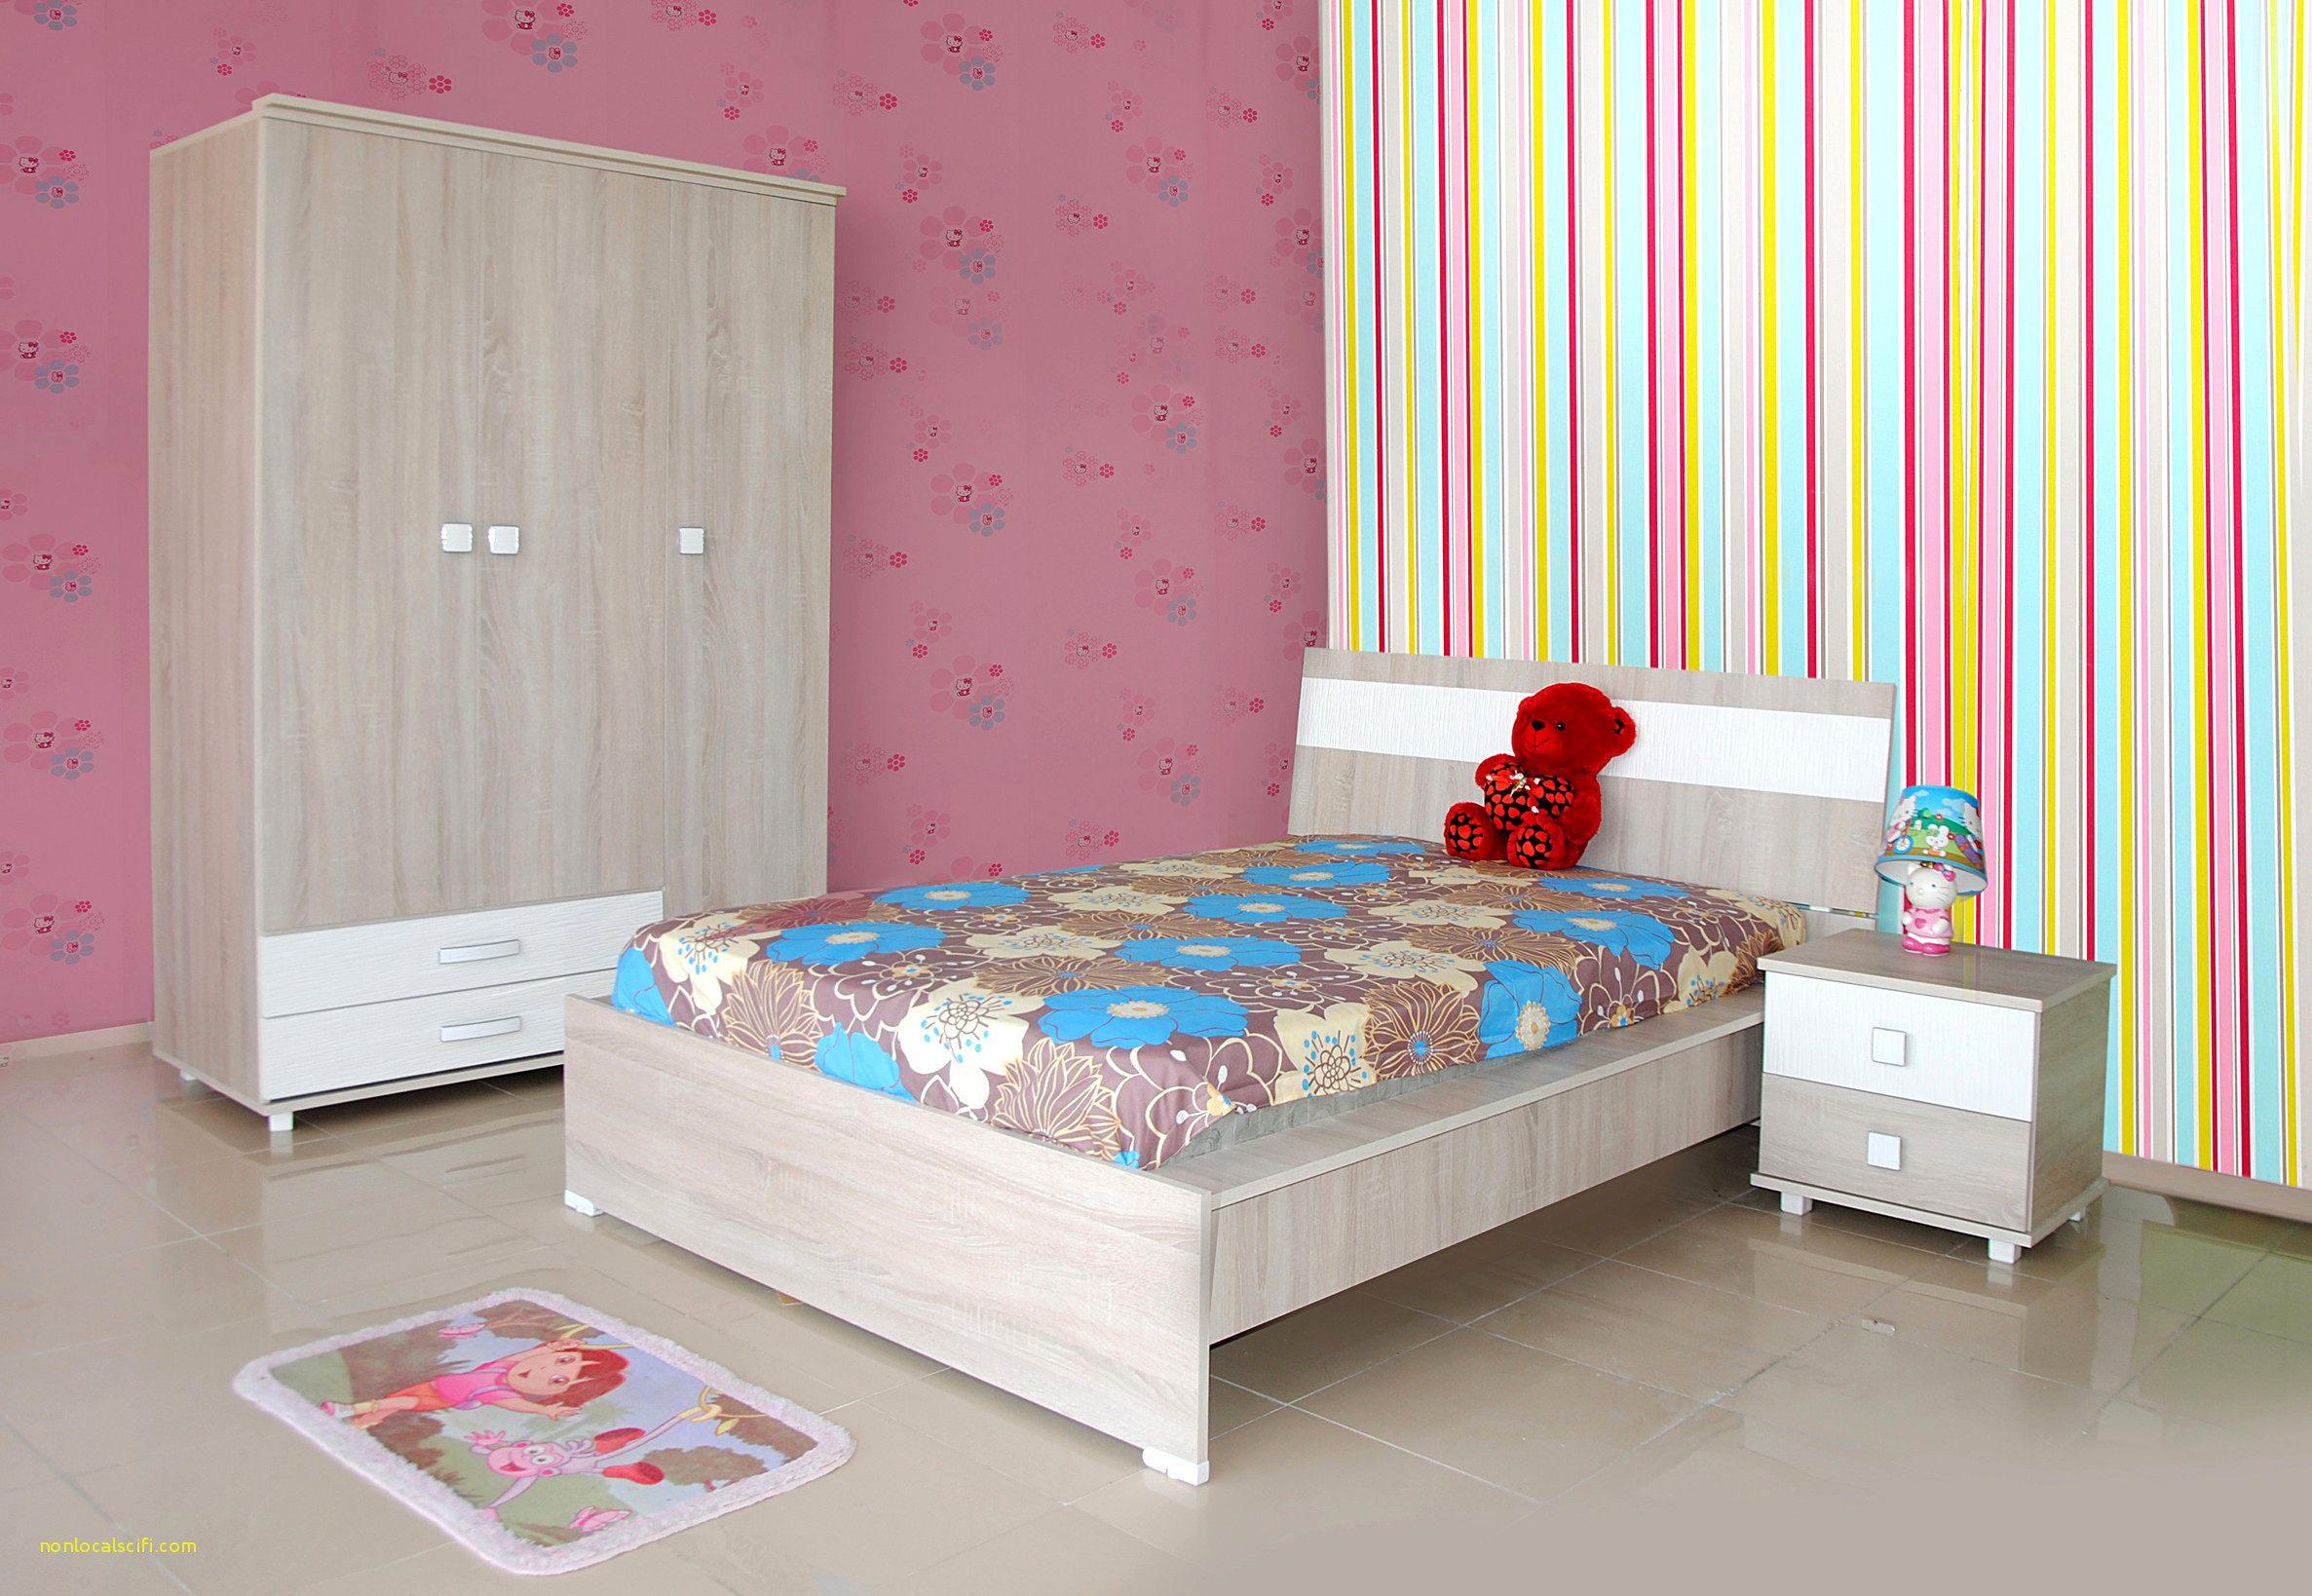 Tour De Lit Pas Cher Luxe Luxe Lampe Enfant Pas Cher Lustre Chambre Enfant Frais 0d Eb B